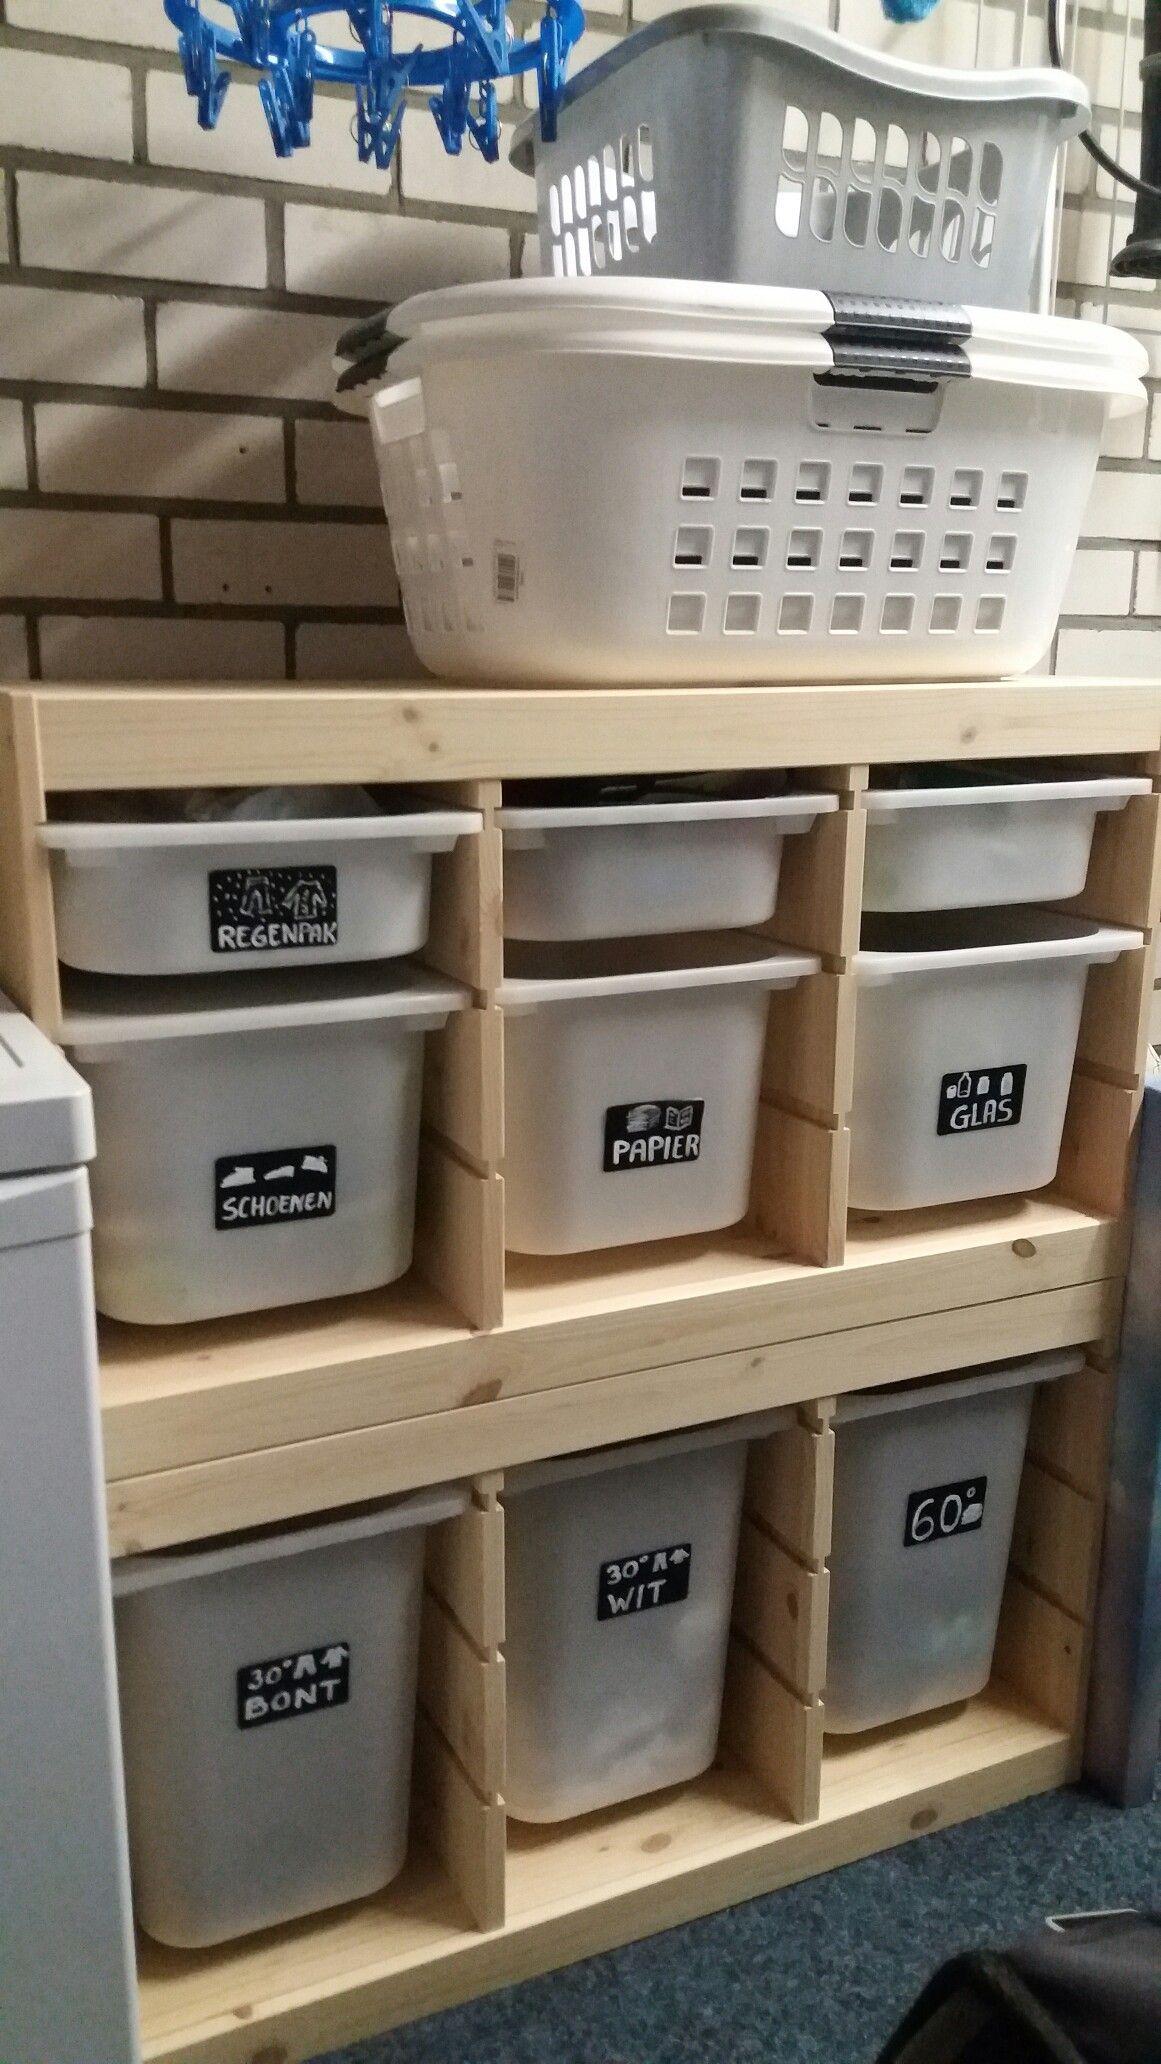 Opbergkast Trofast Ikea.Bijkeuken Organiser Van Ikea Trofast Kast Life Hacks